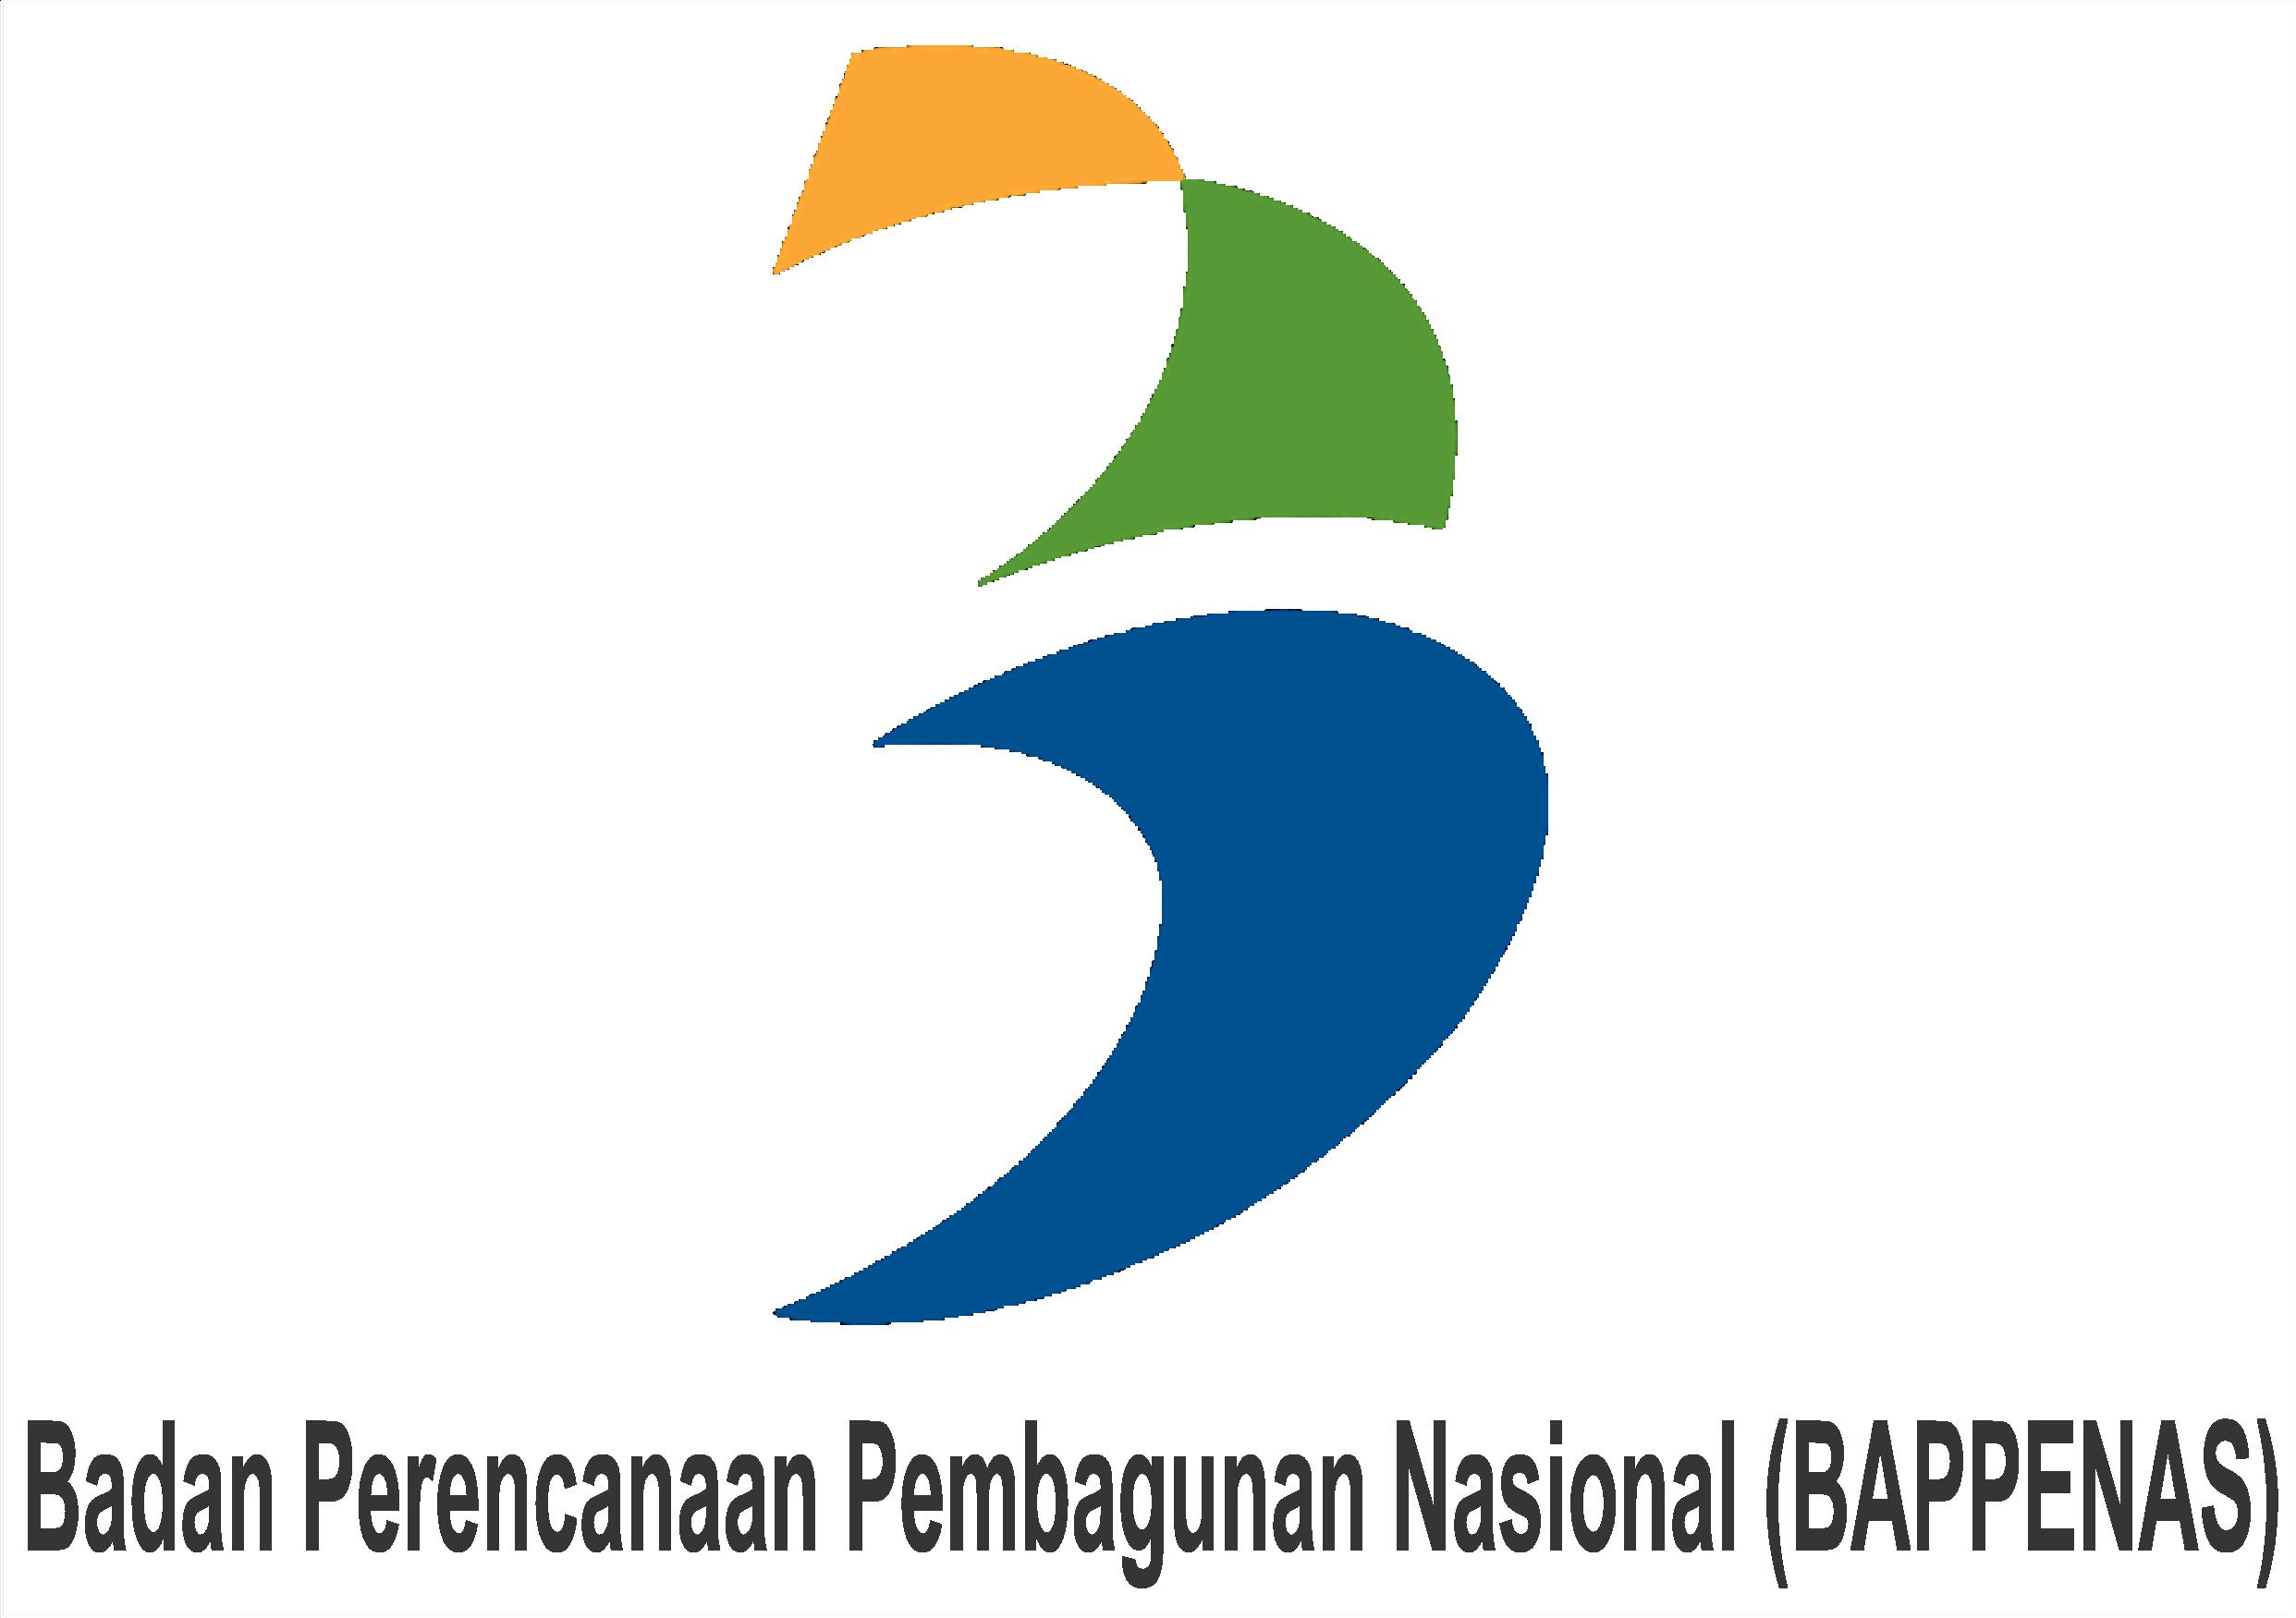 Badan Perencanaan Pembagunan Nasional (BAPPENAS)